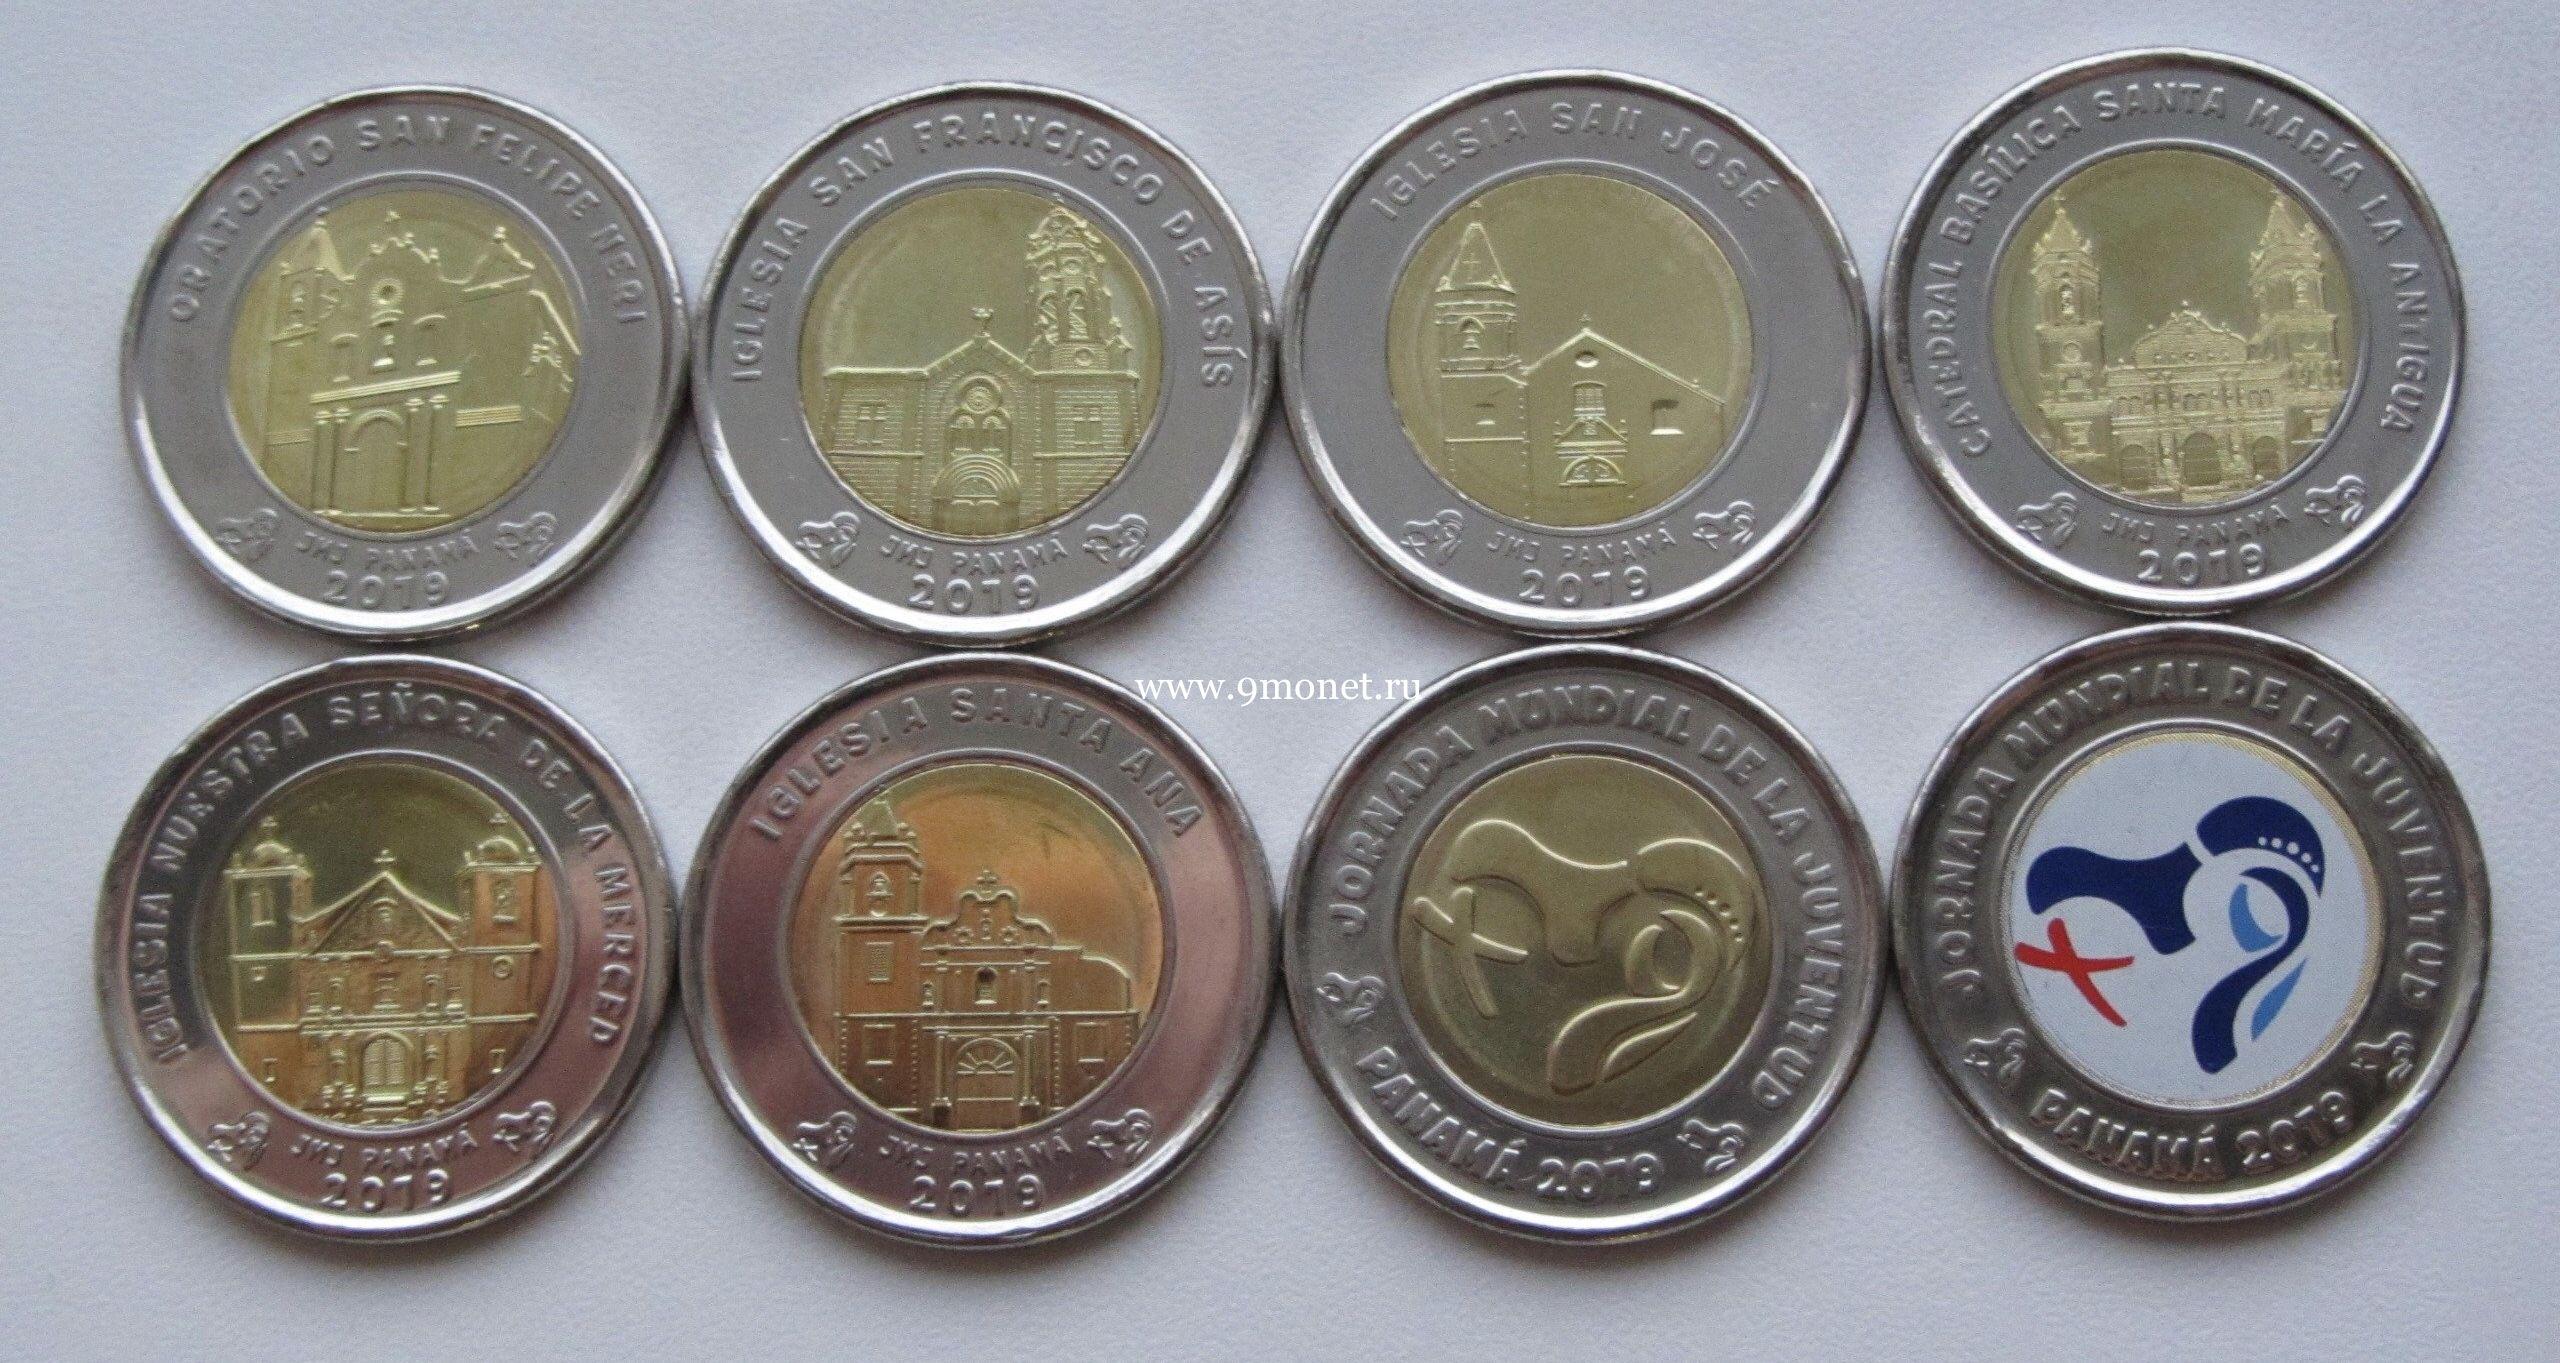 Панама набор 8 монет 1 бальбоа 2019 Всемирный день молодежи.